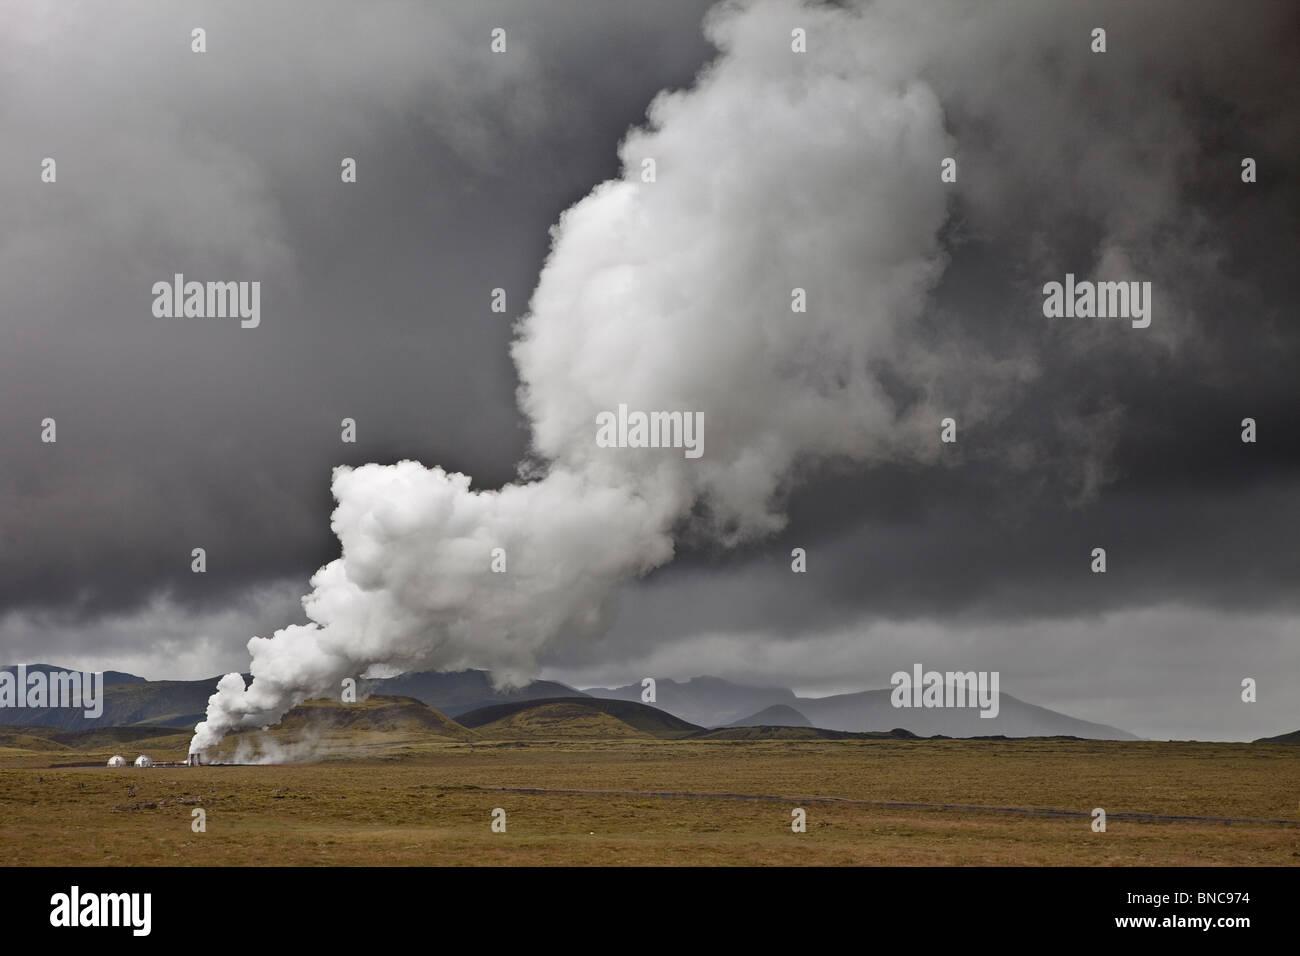 Sorgenti calde geotermali vaporizzazione, South Coast, Islanda Foto Stock